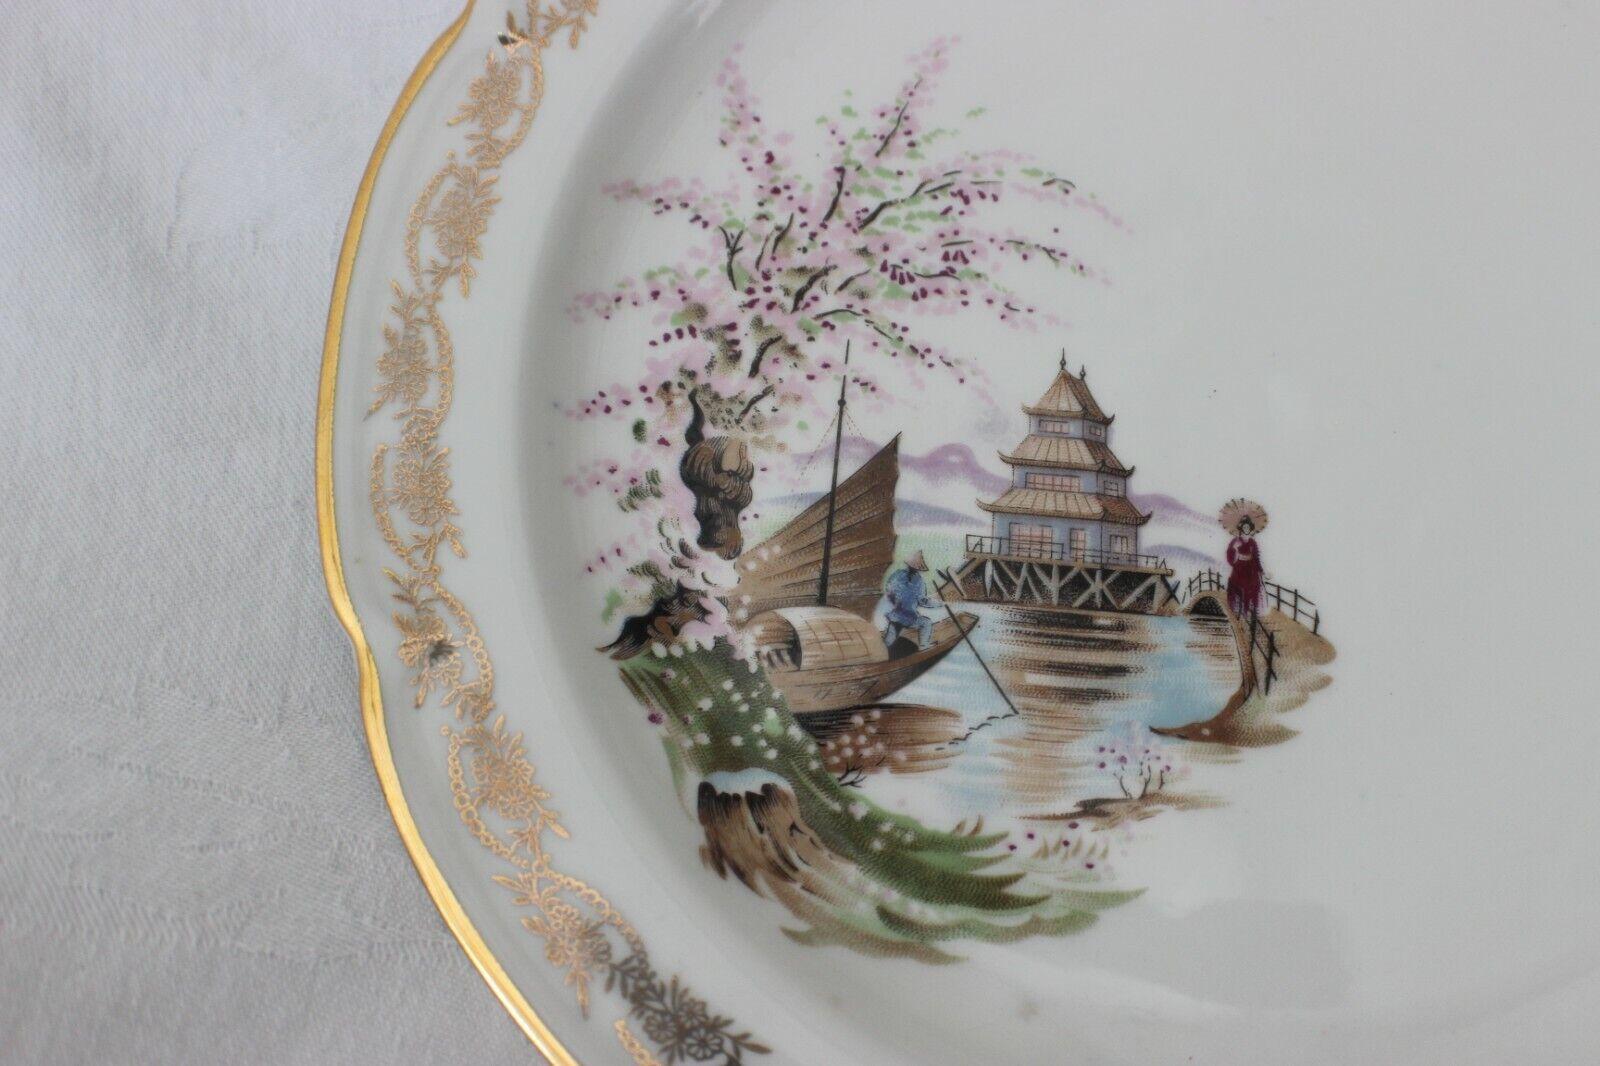 Medaille D'or les ateliers d'art d'Annet  2 x dejeuner place avec tasse Boat